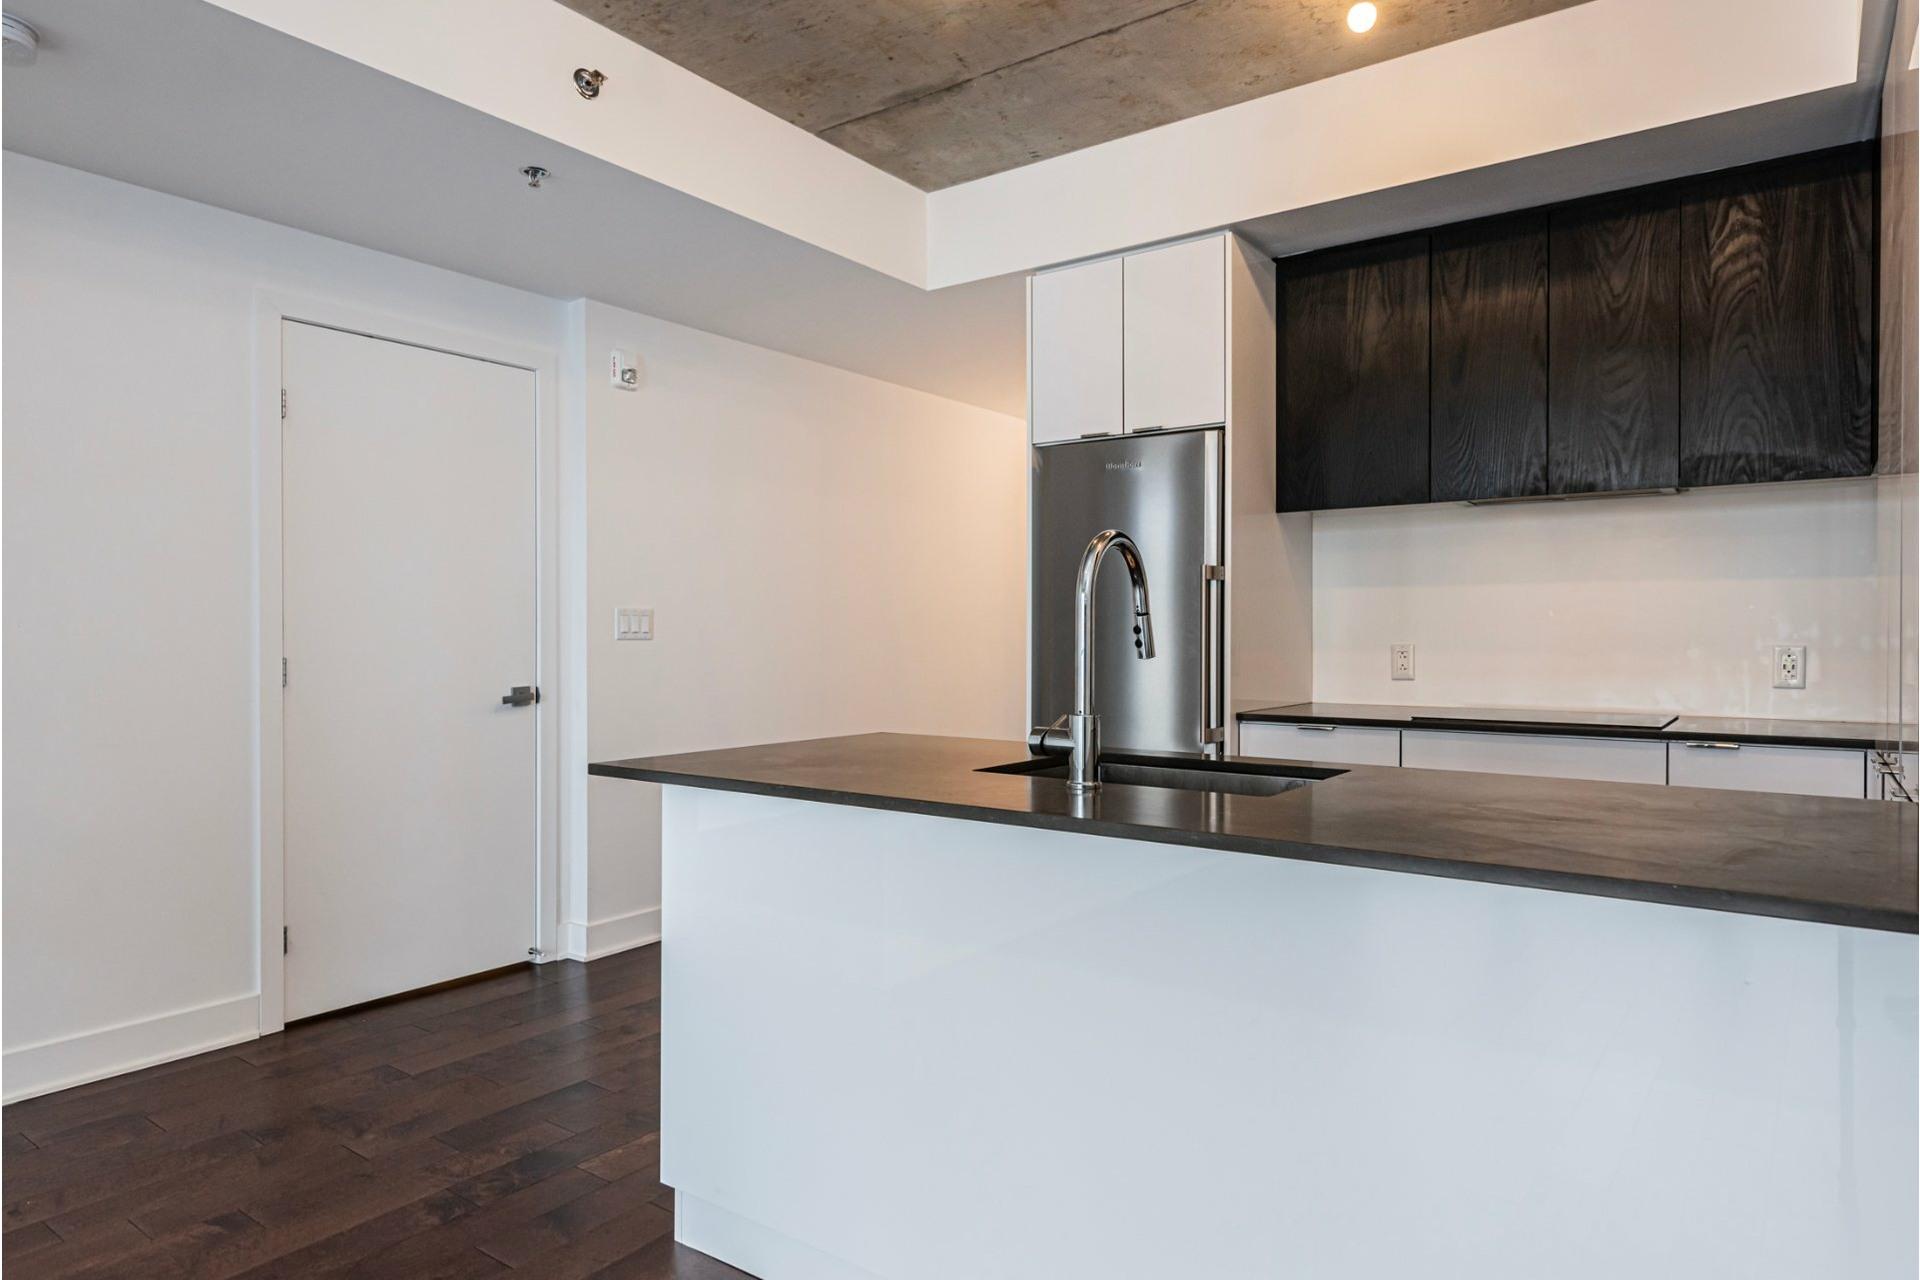 image 6 - Appartement À louer Côte-des-Neiges/Notre-Dame-de-Grâce Montréal  - 6 pièces